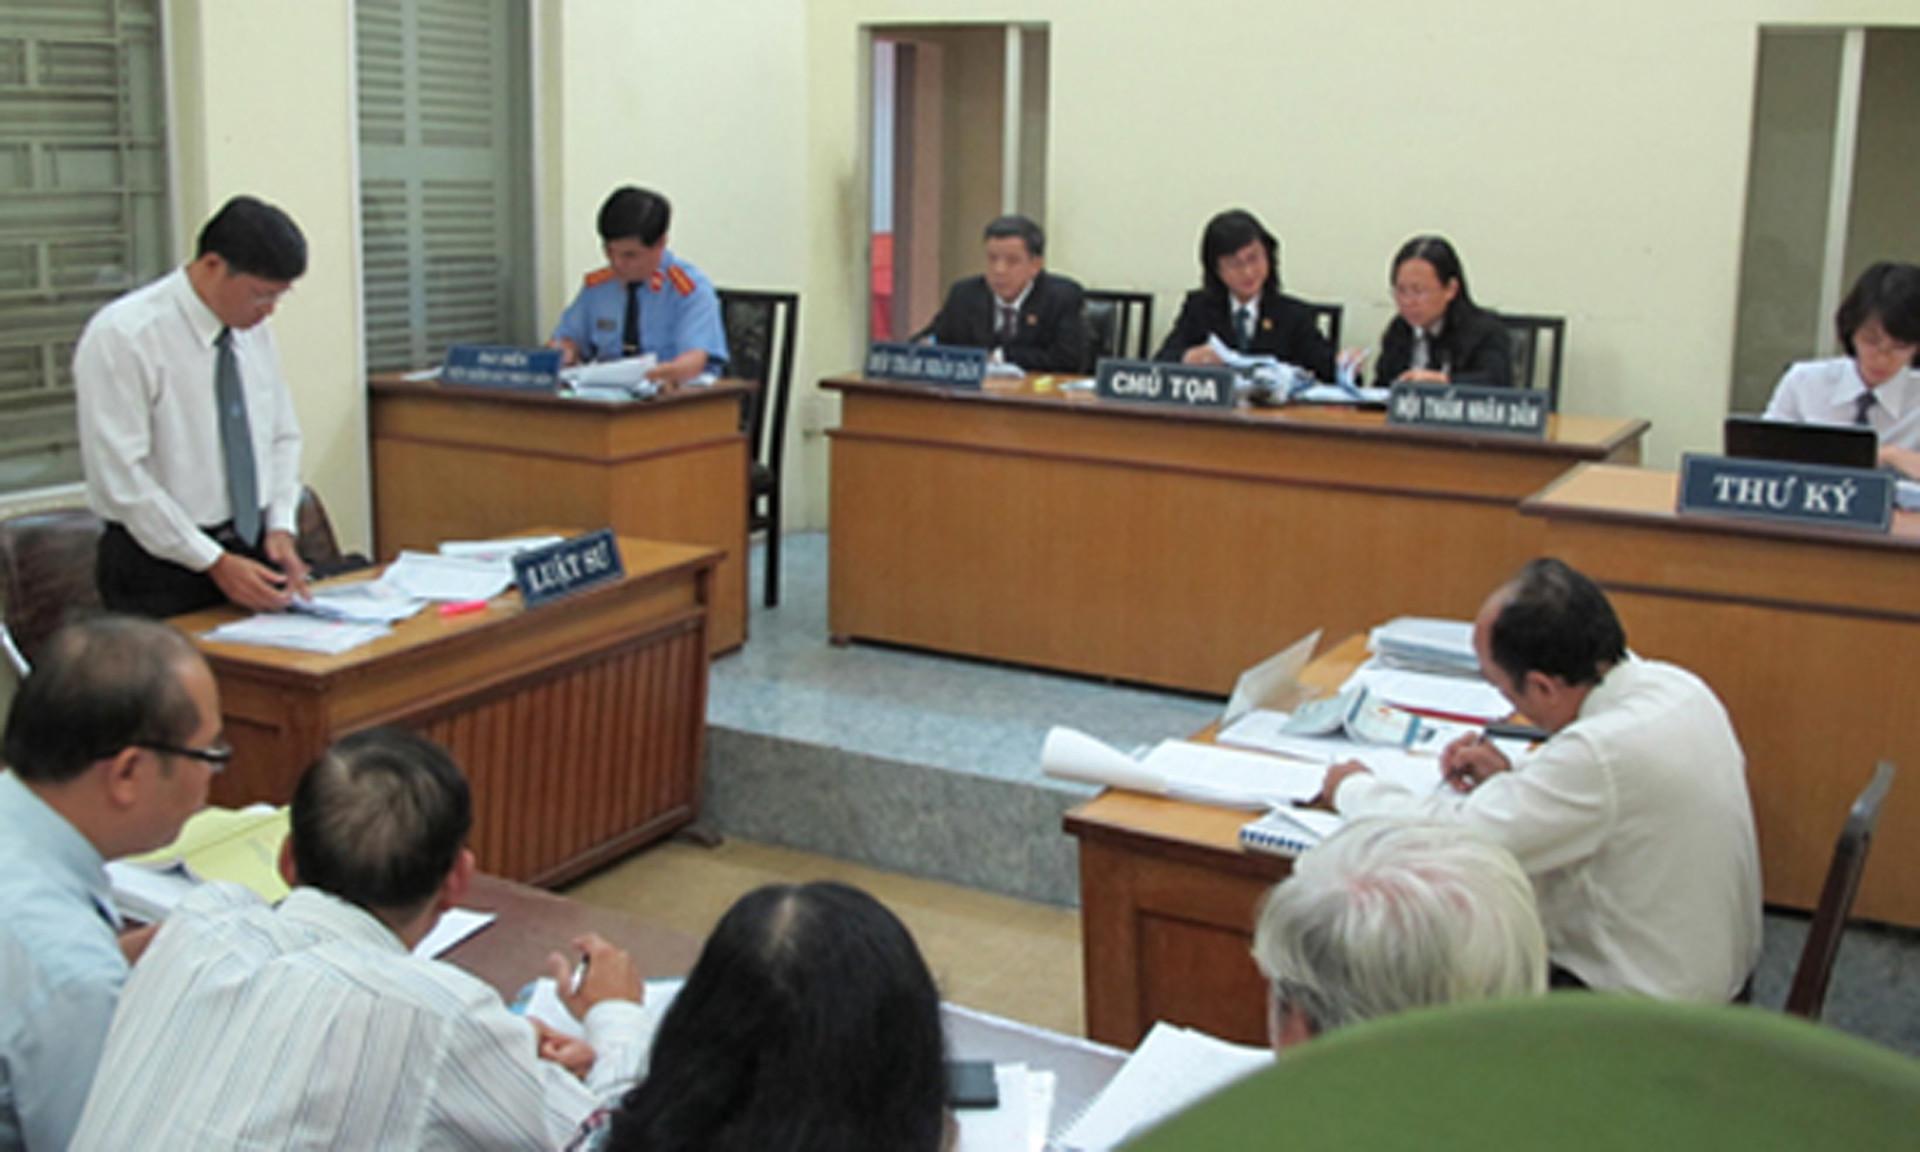 Góp ý Luật TTHC (sửa đổi): Cần quy định cơ chế đặc biệt xem xét lại quyết định của HĐTP TANDTC trong vụ án hành chính